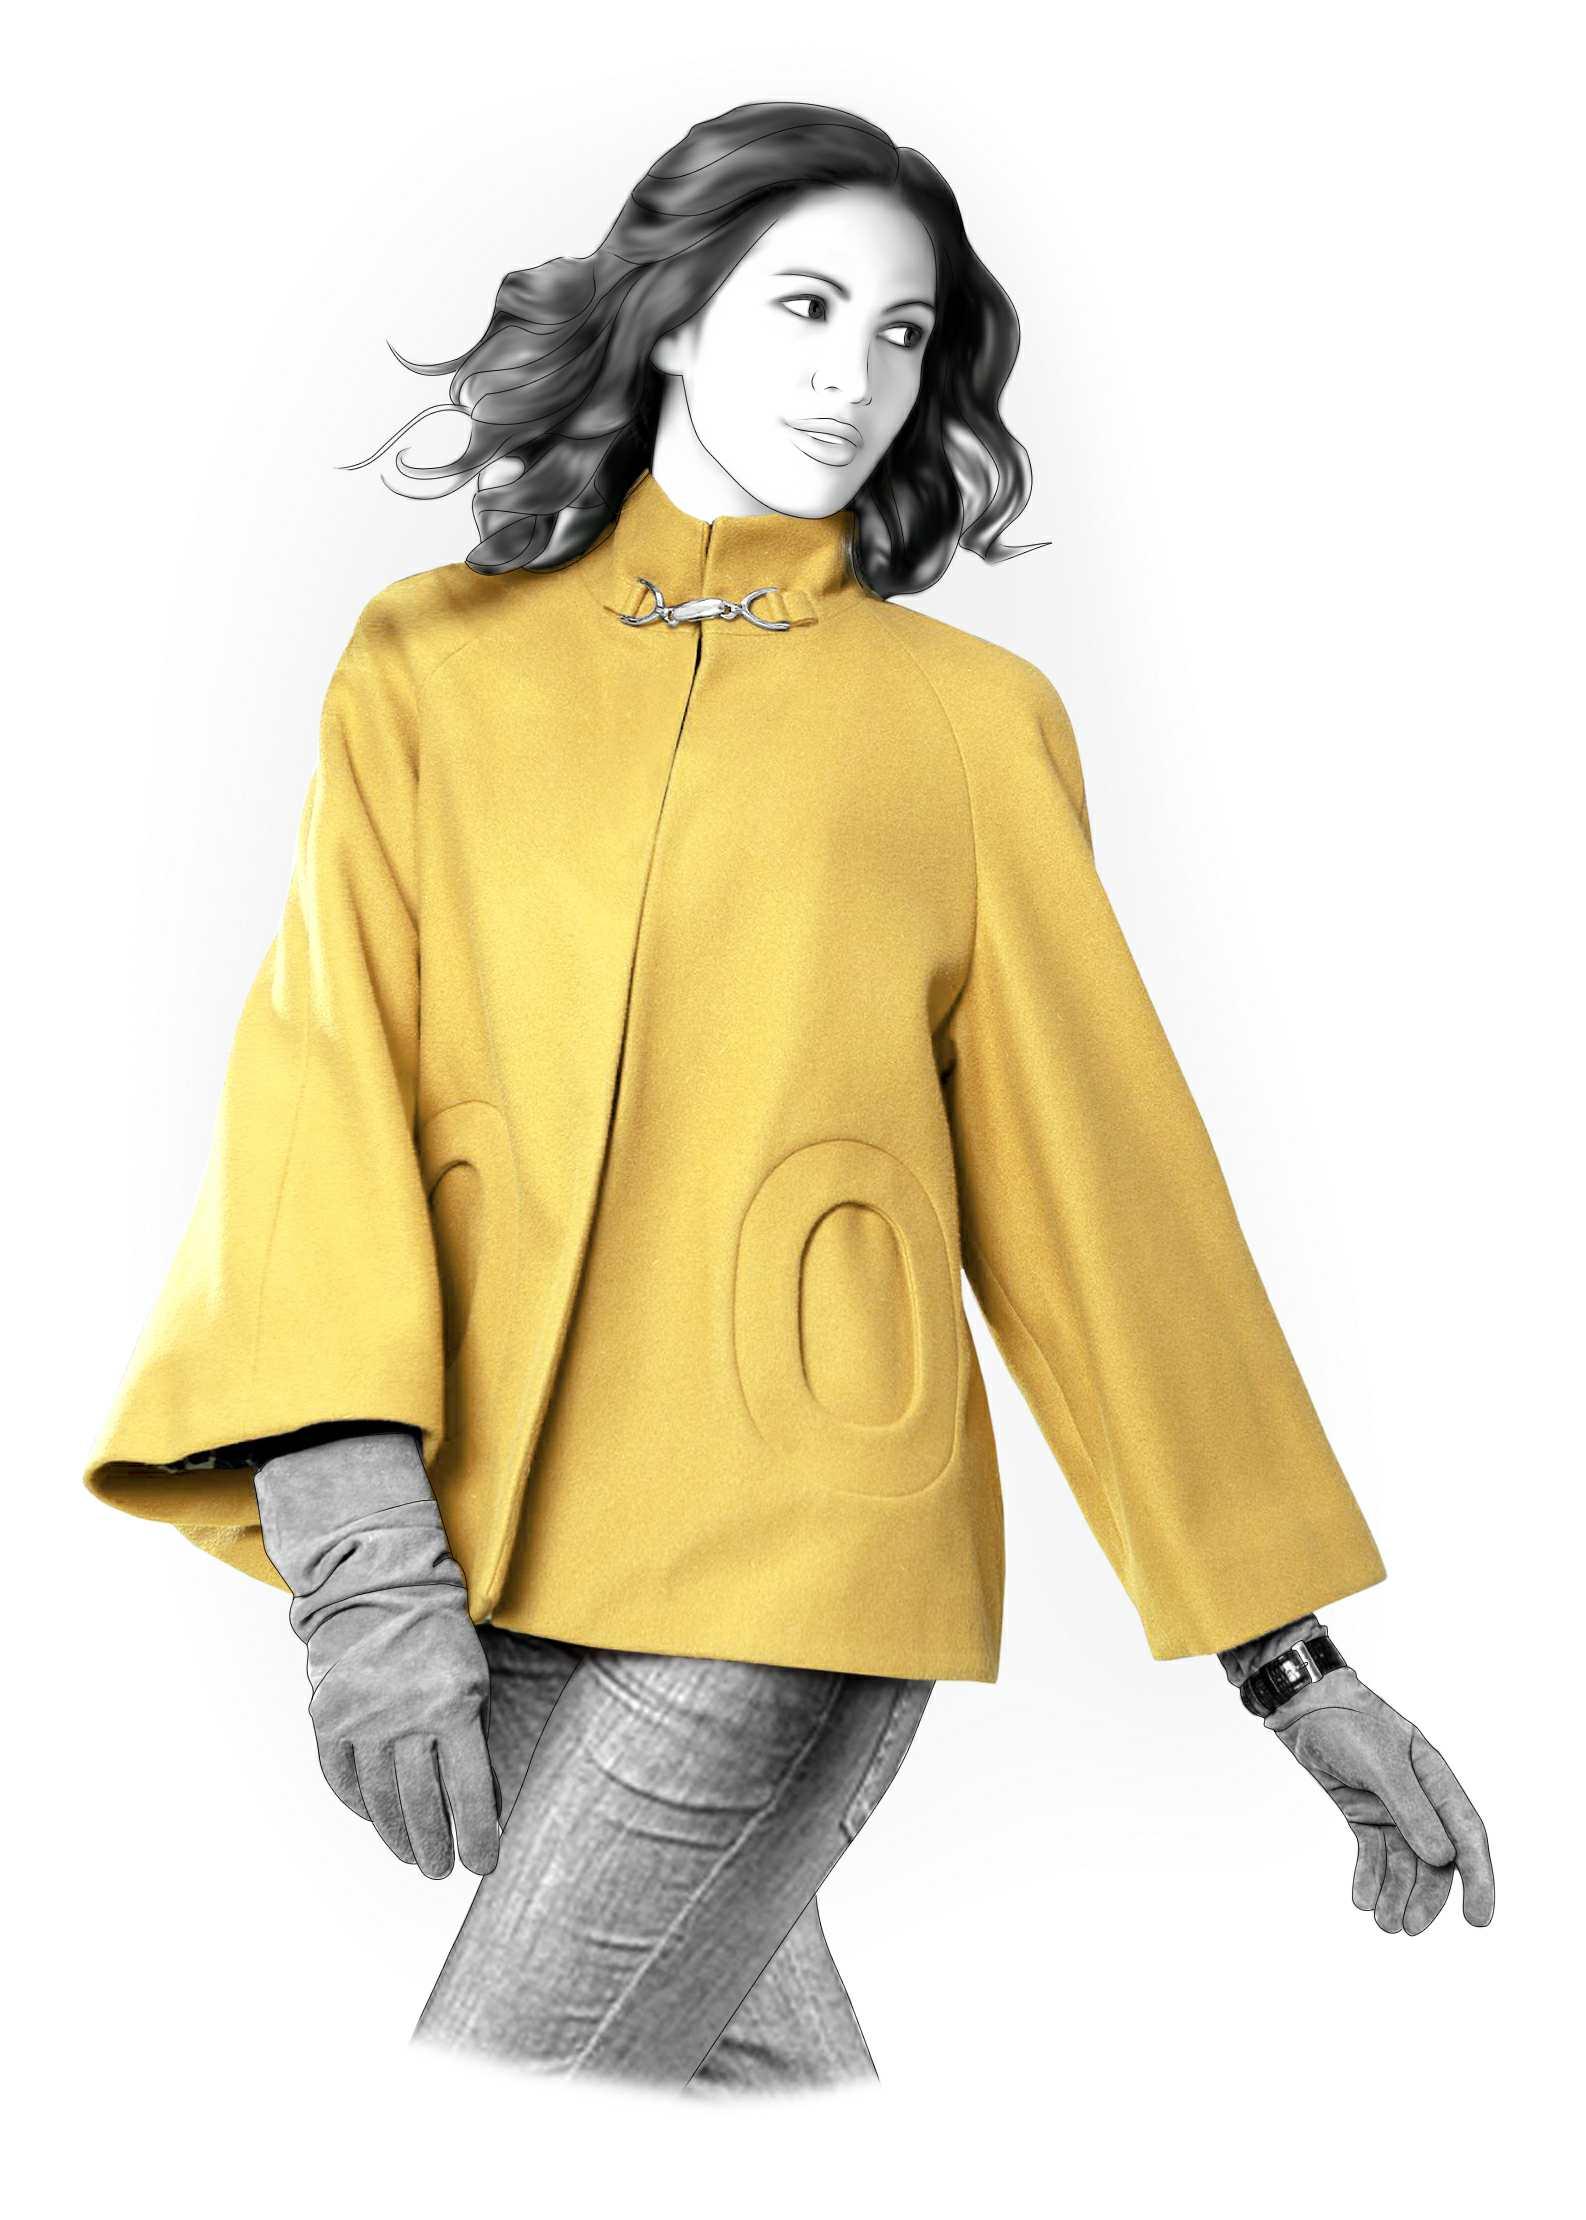 Пальто пончо: выбираем фасон и учимся шить своими руками 12